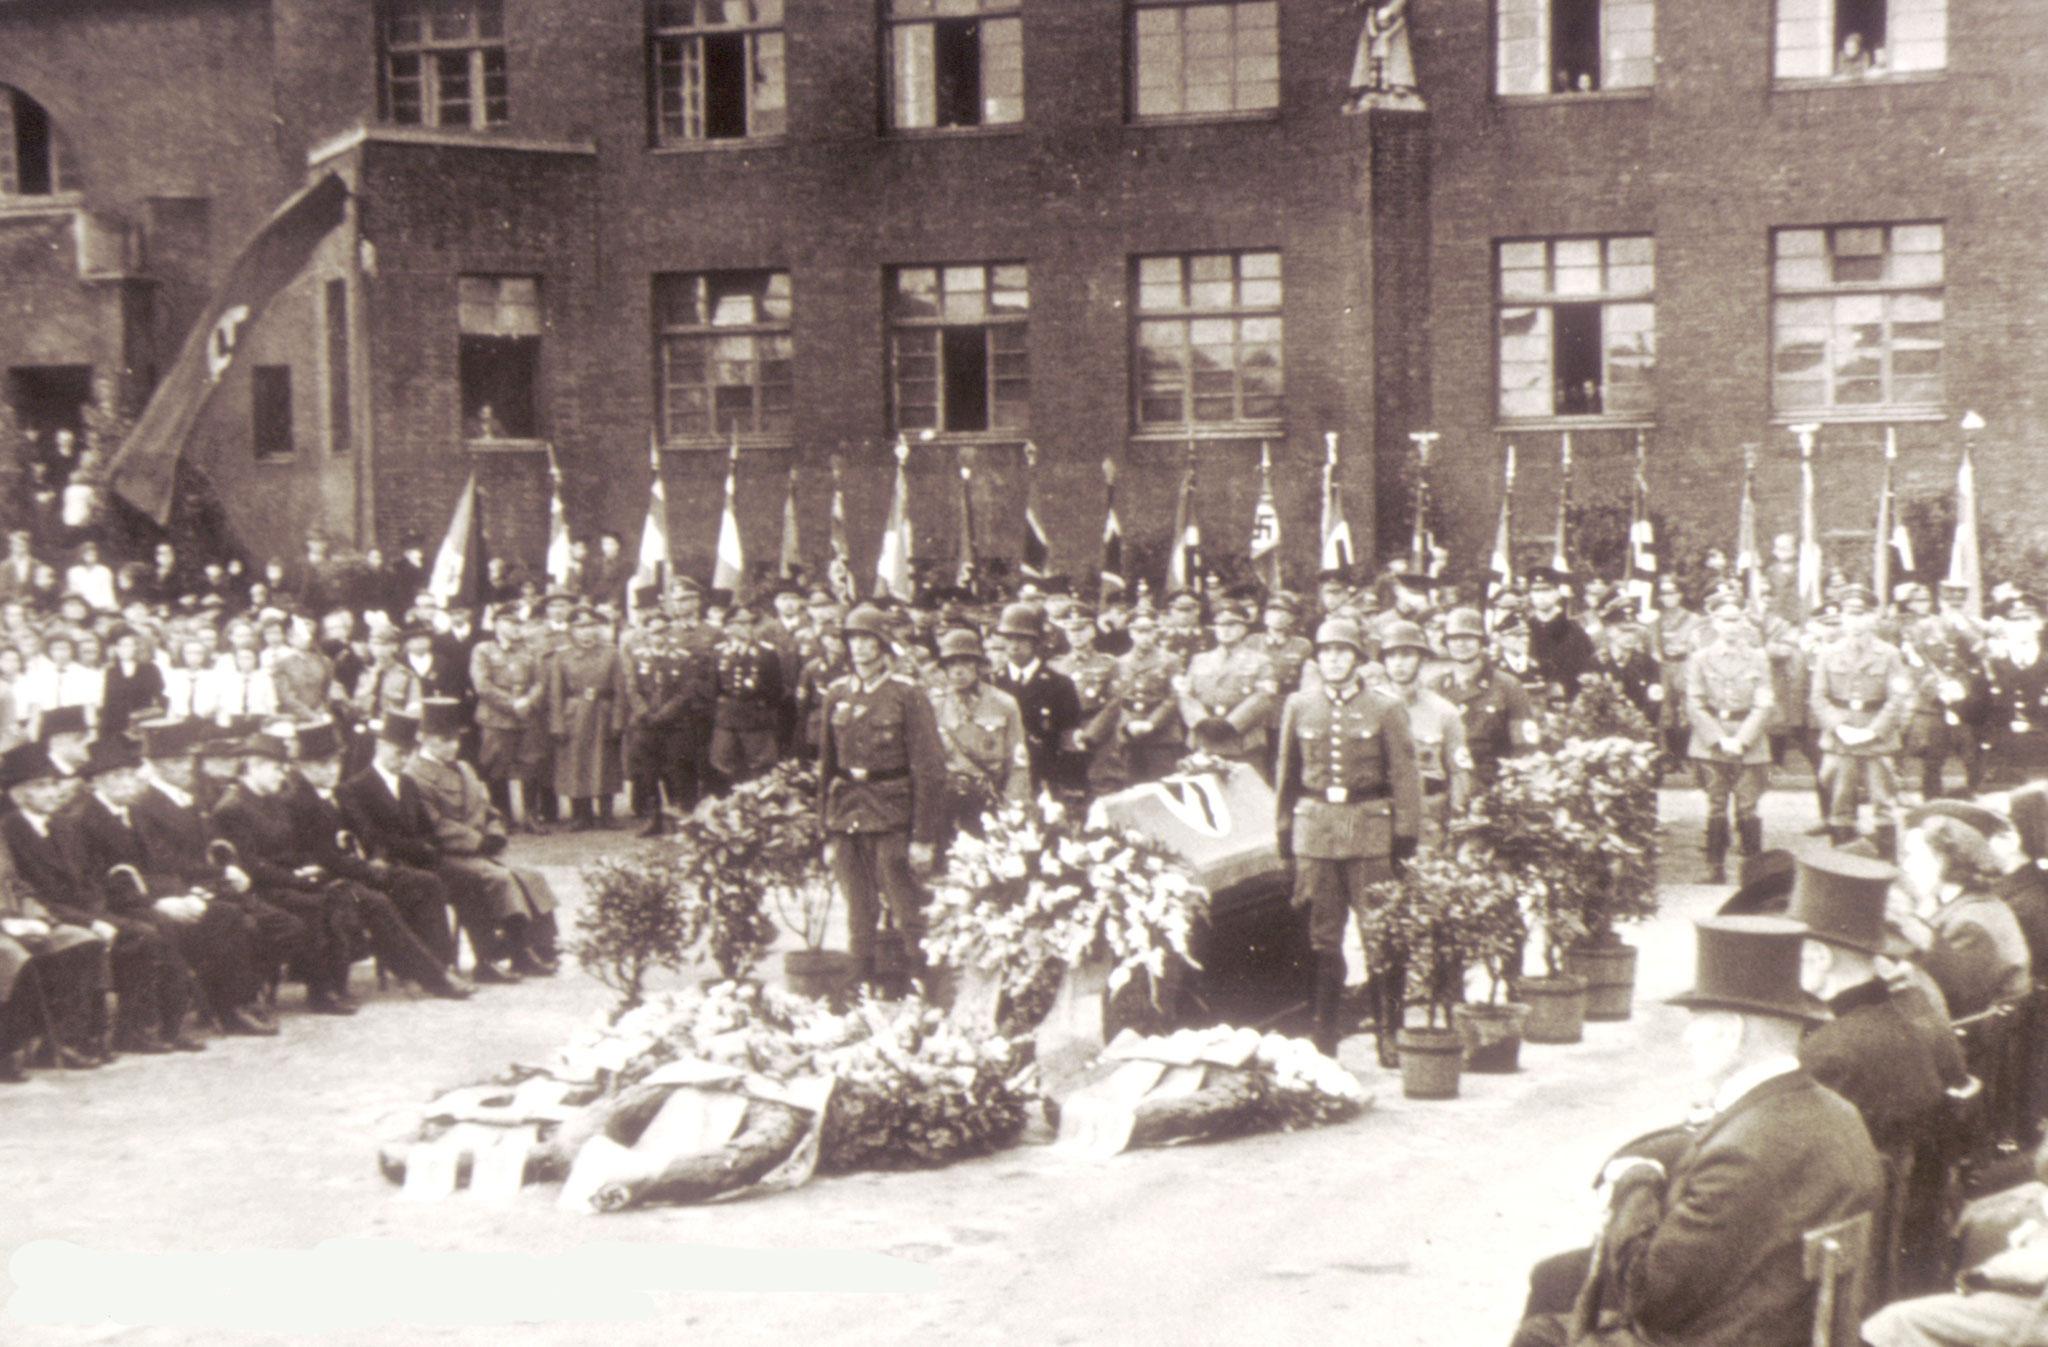 NS-Trauerfeier am 16.09.1944 vor der Marktschule Ickern für 92 Bombenopfer am 11.09.1944 durch die Engländer